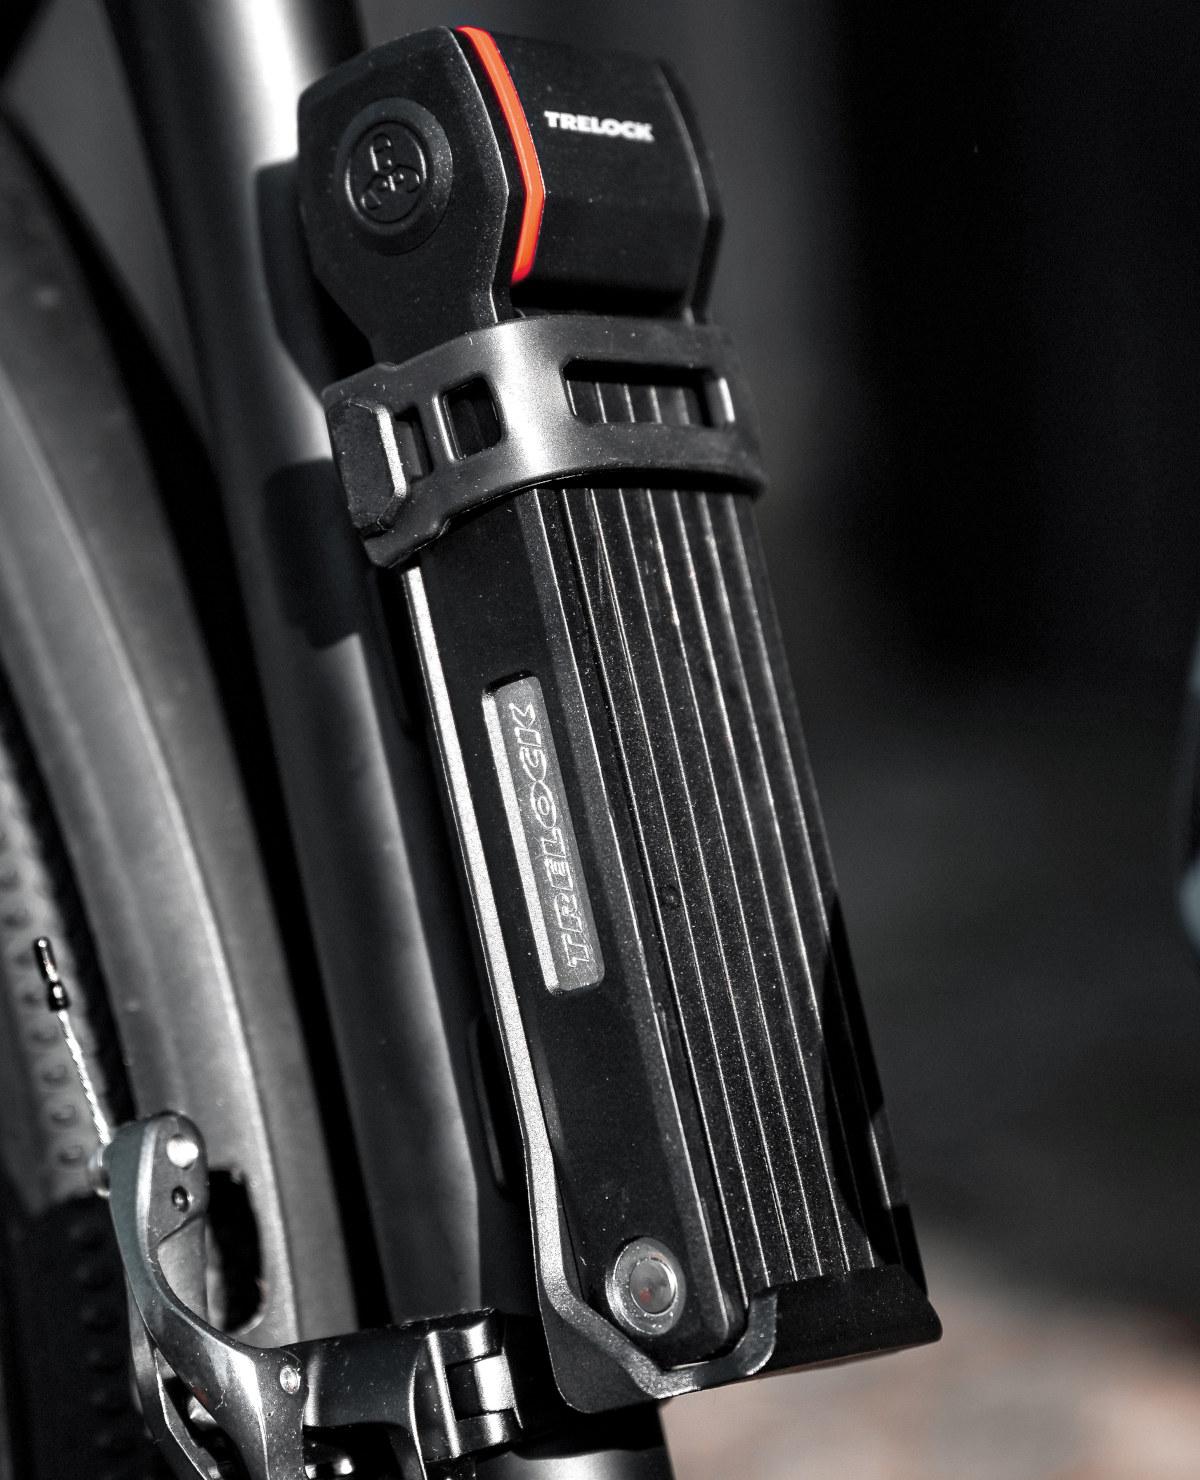 Trelock Faltschloss FS280 TWO.GO: Kompaktes Fahrradschloss mit hoher Flexibilität beim Anschließen